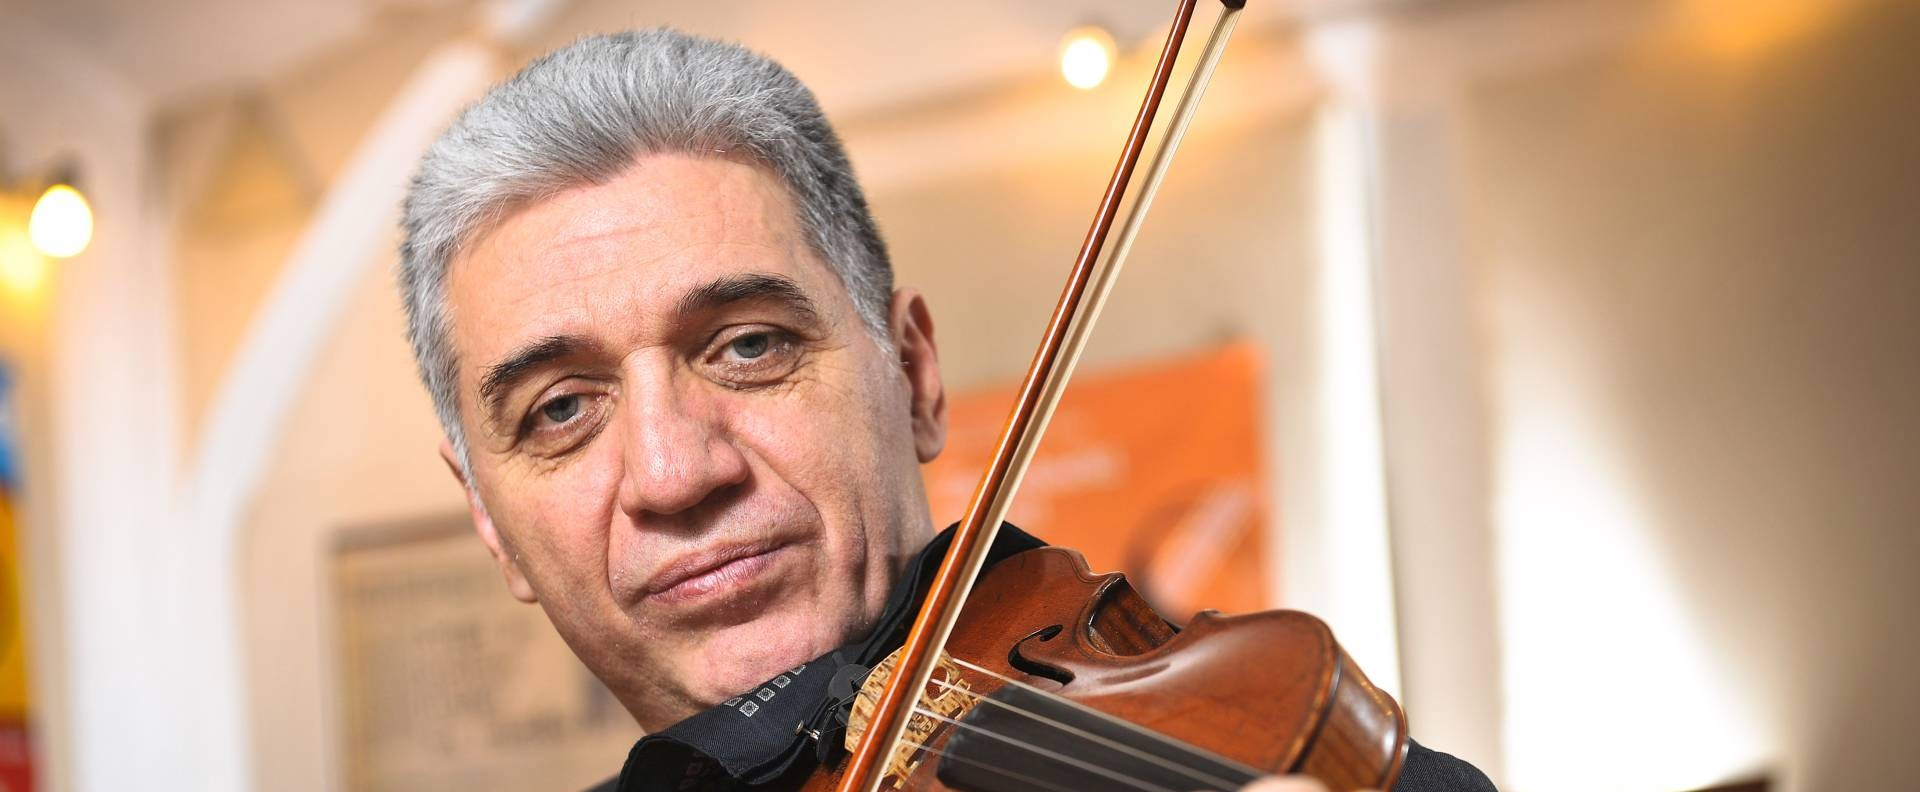 PROČITAJTE U NACIONALU Zagrebački solisti imaju novog koncertnog majstora